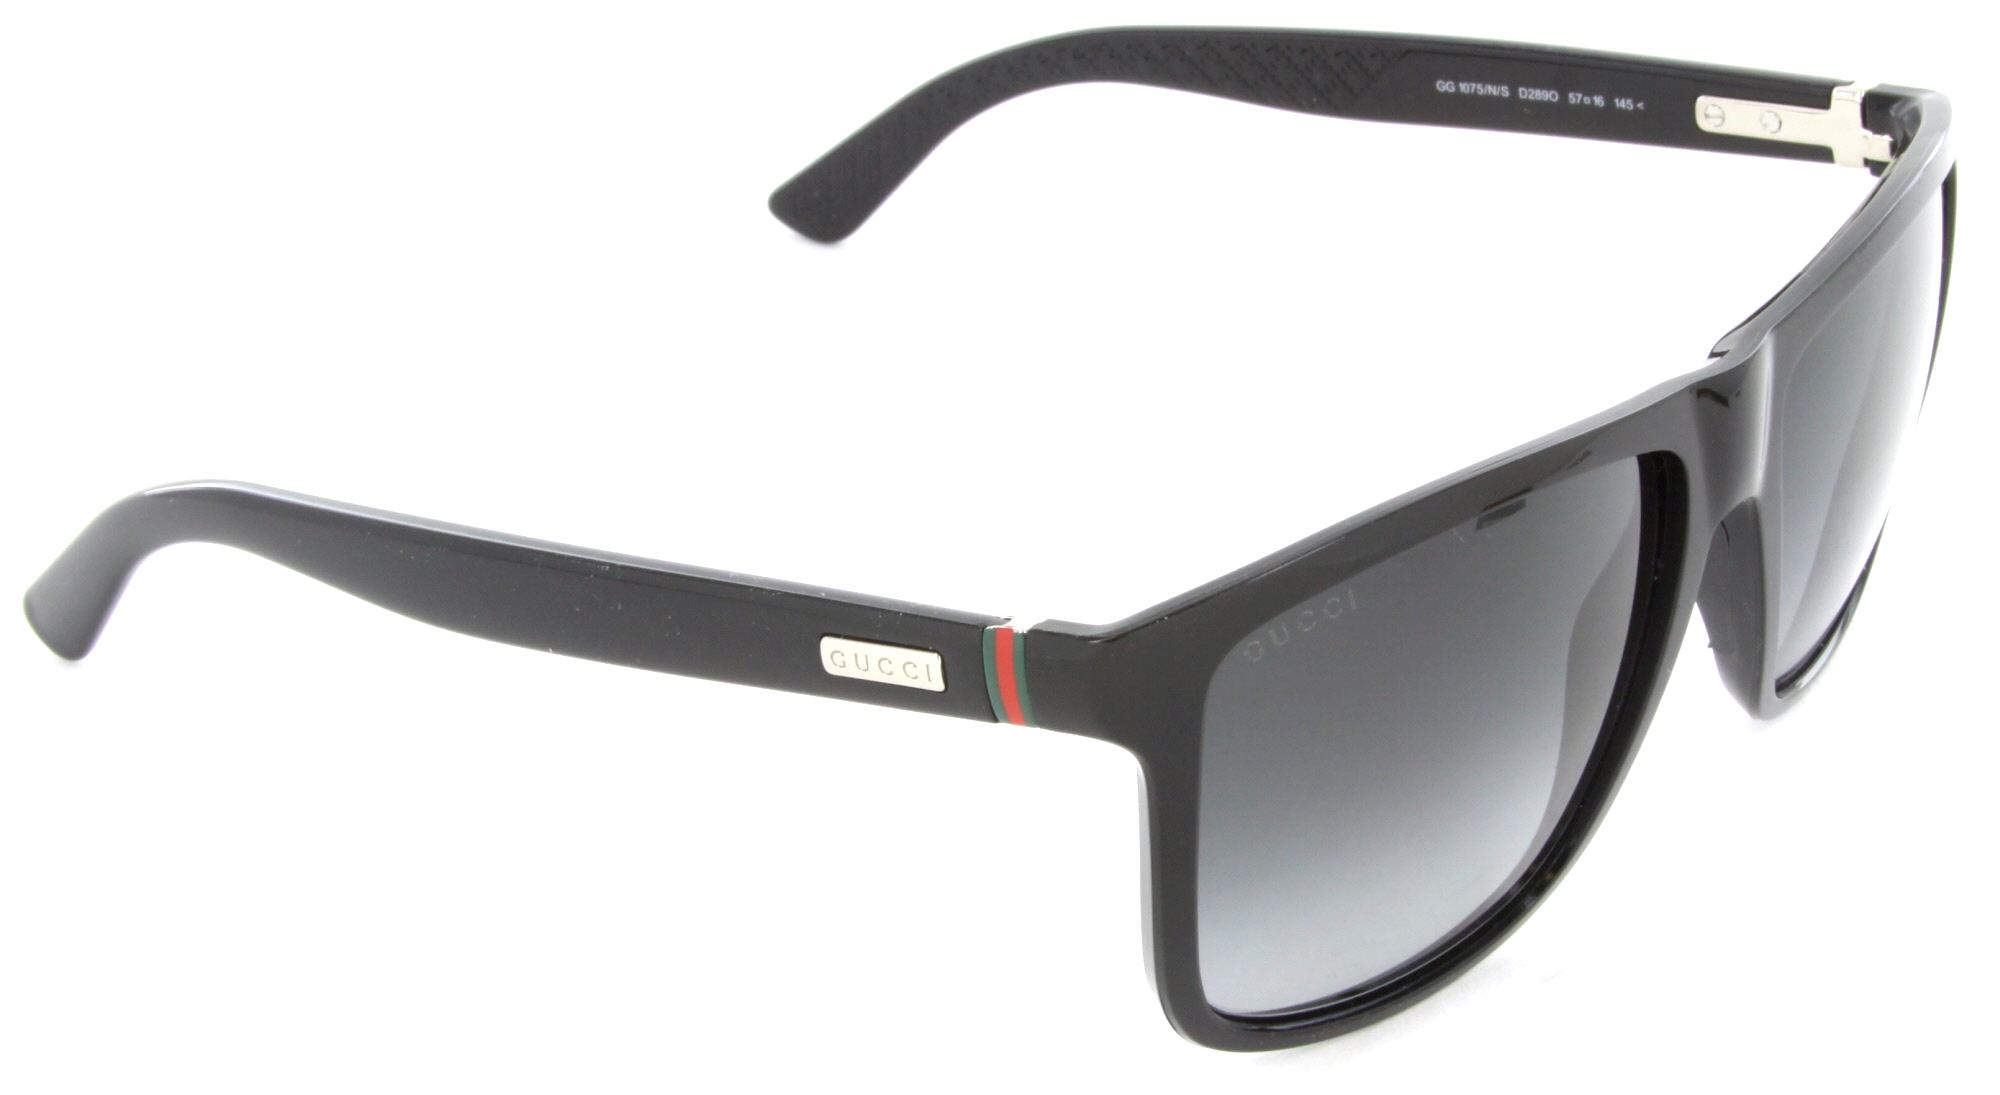 b61e6a207d Gucci - Gucci GG 1075 N S D28-9O Rectangle Sunglasses Shiny Black Dark Grey  Gradient Lens - Walmart.com